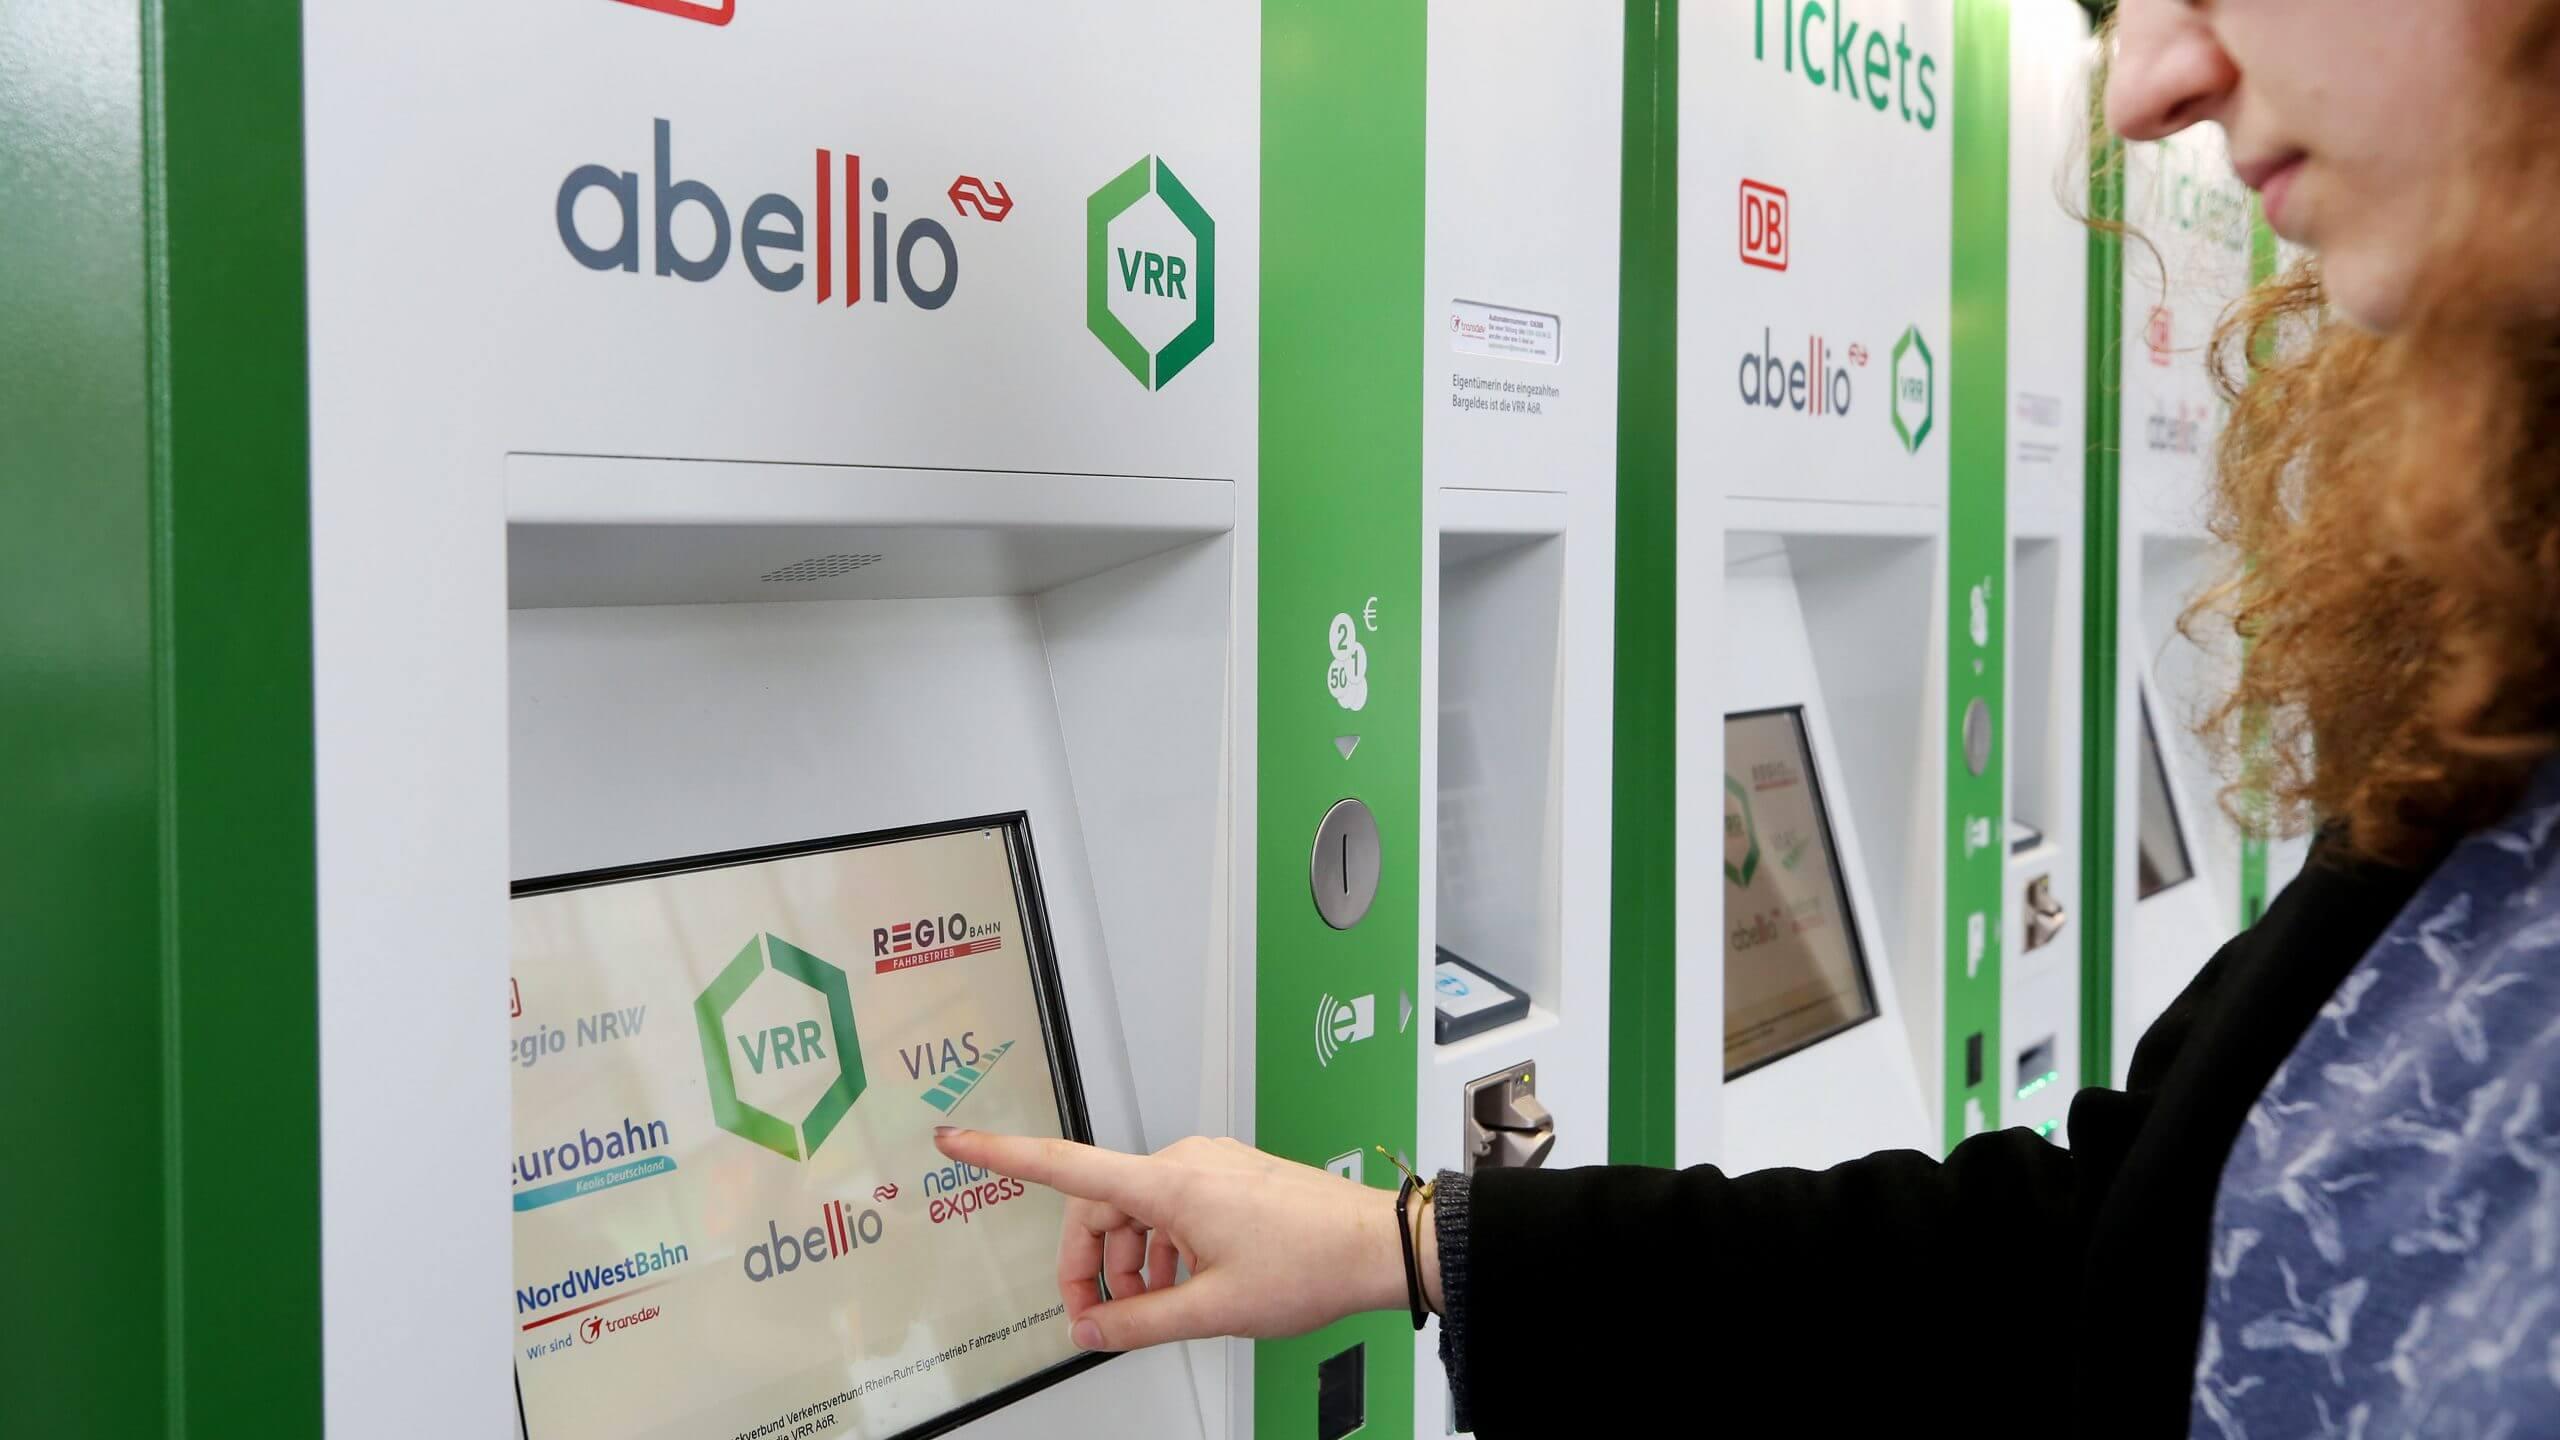 VRR-Ticketverkauf demnächst an Bahnhöfen